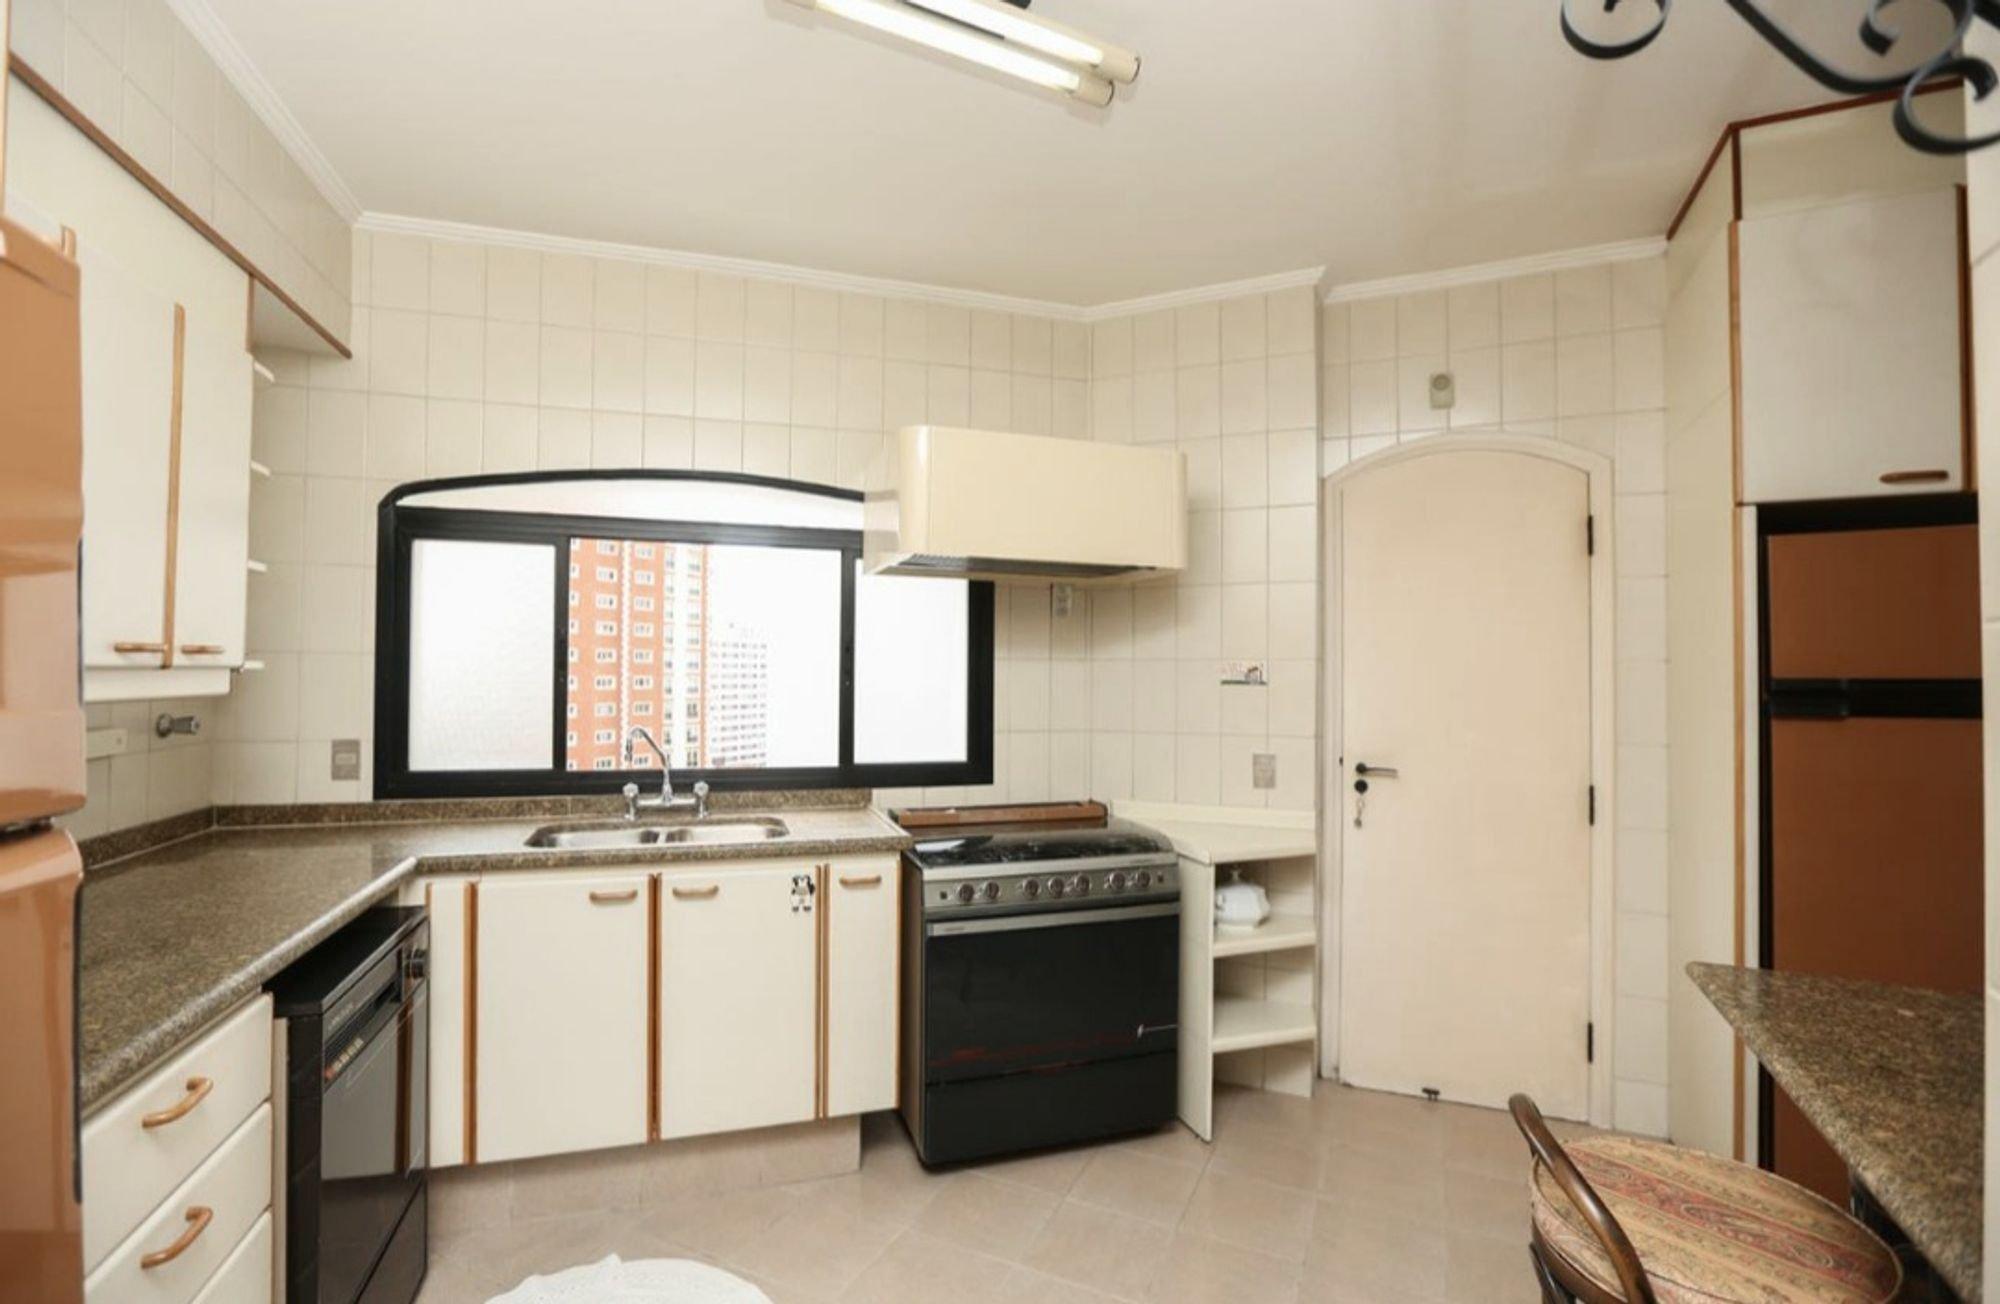 Foto de Cozinha com forno, cadeira, pia, mesa de jantar